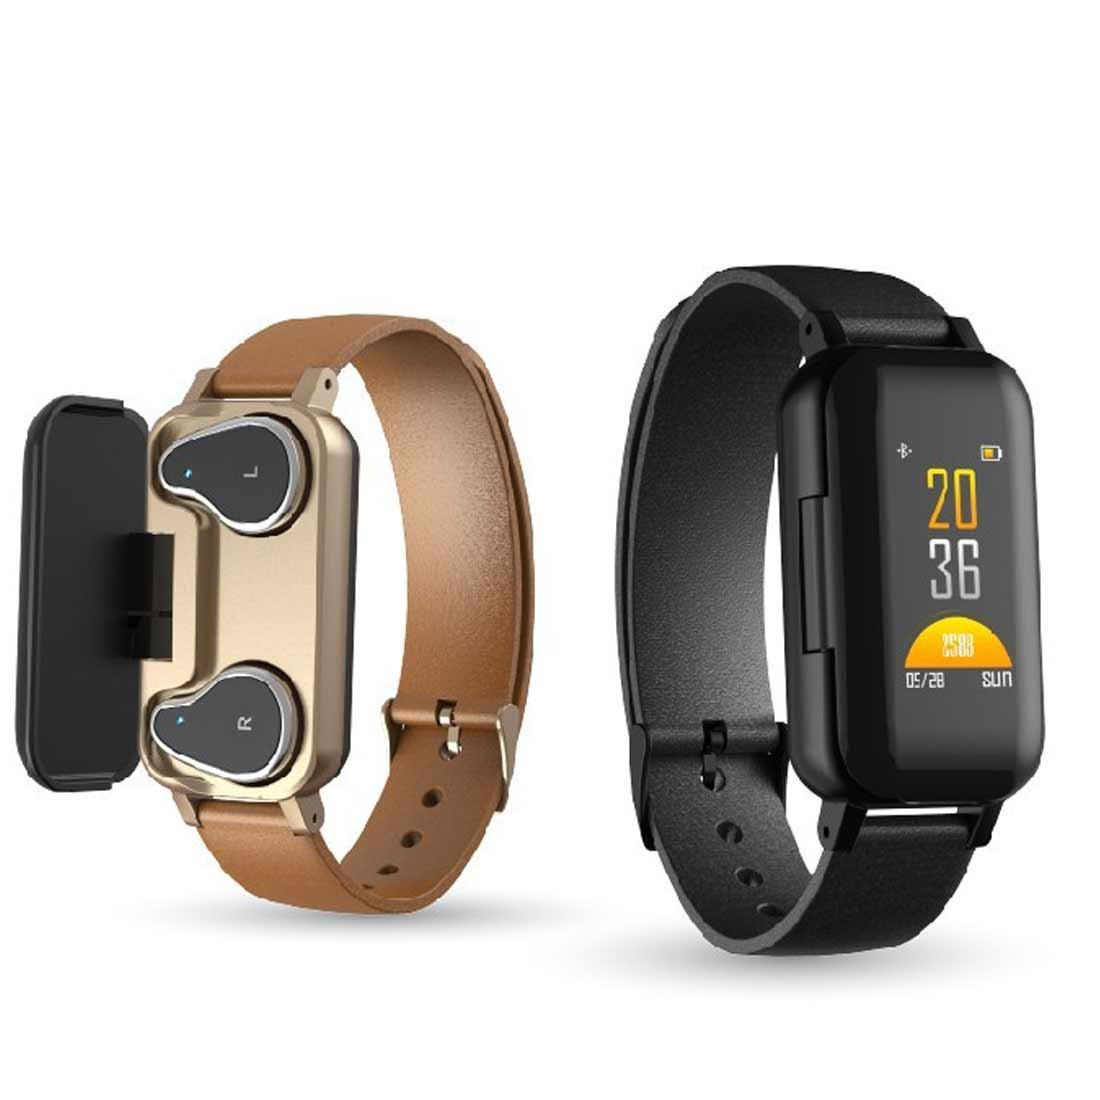 Bracelet Sport intelligent montre hommes femmes moniteur de fréquence cardiaque intelligent Binaural Bluetooth casque Fitness Bracelet